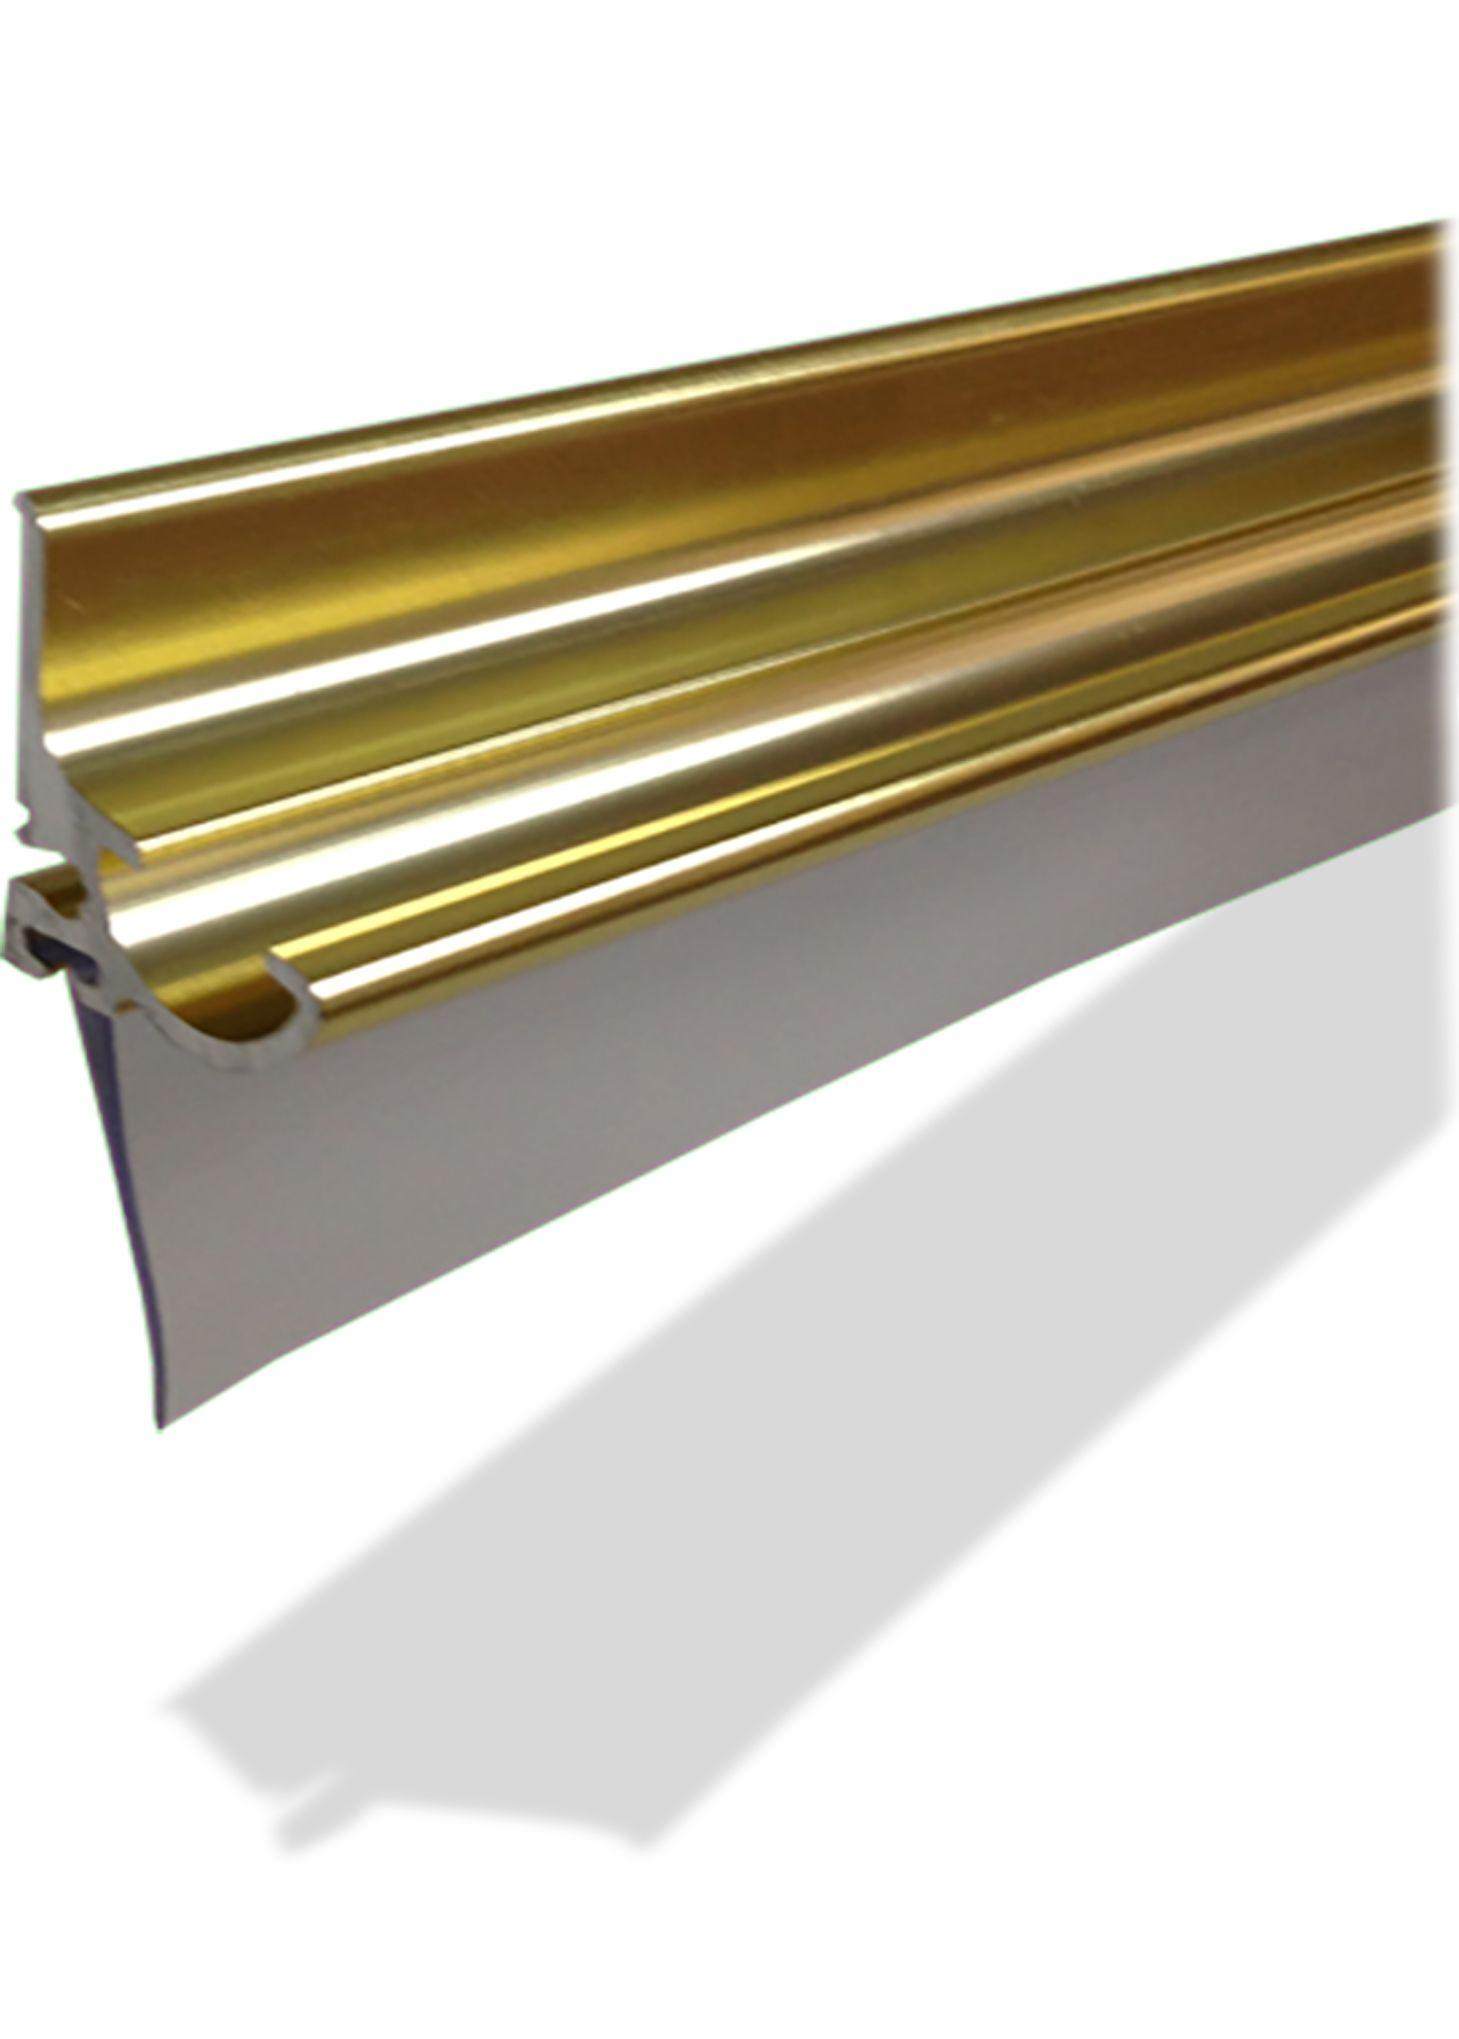 Adjustable Drip Rail For Shower Door